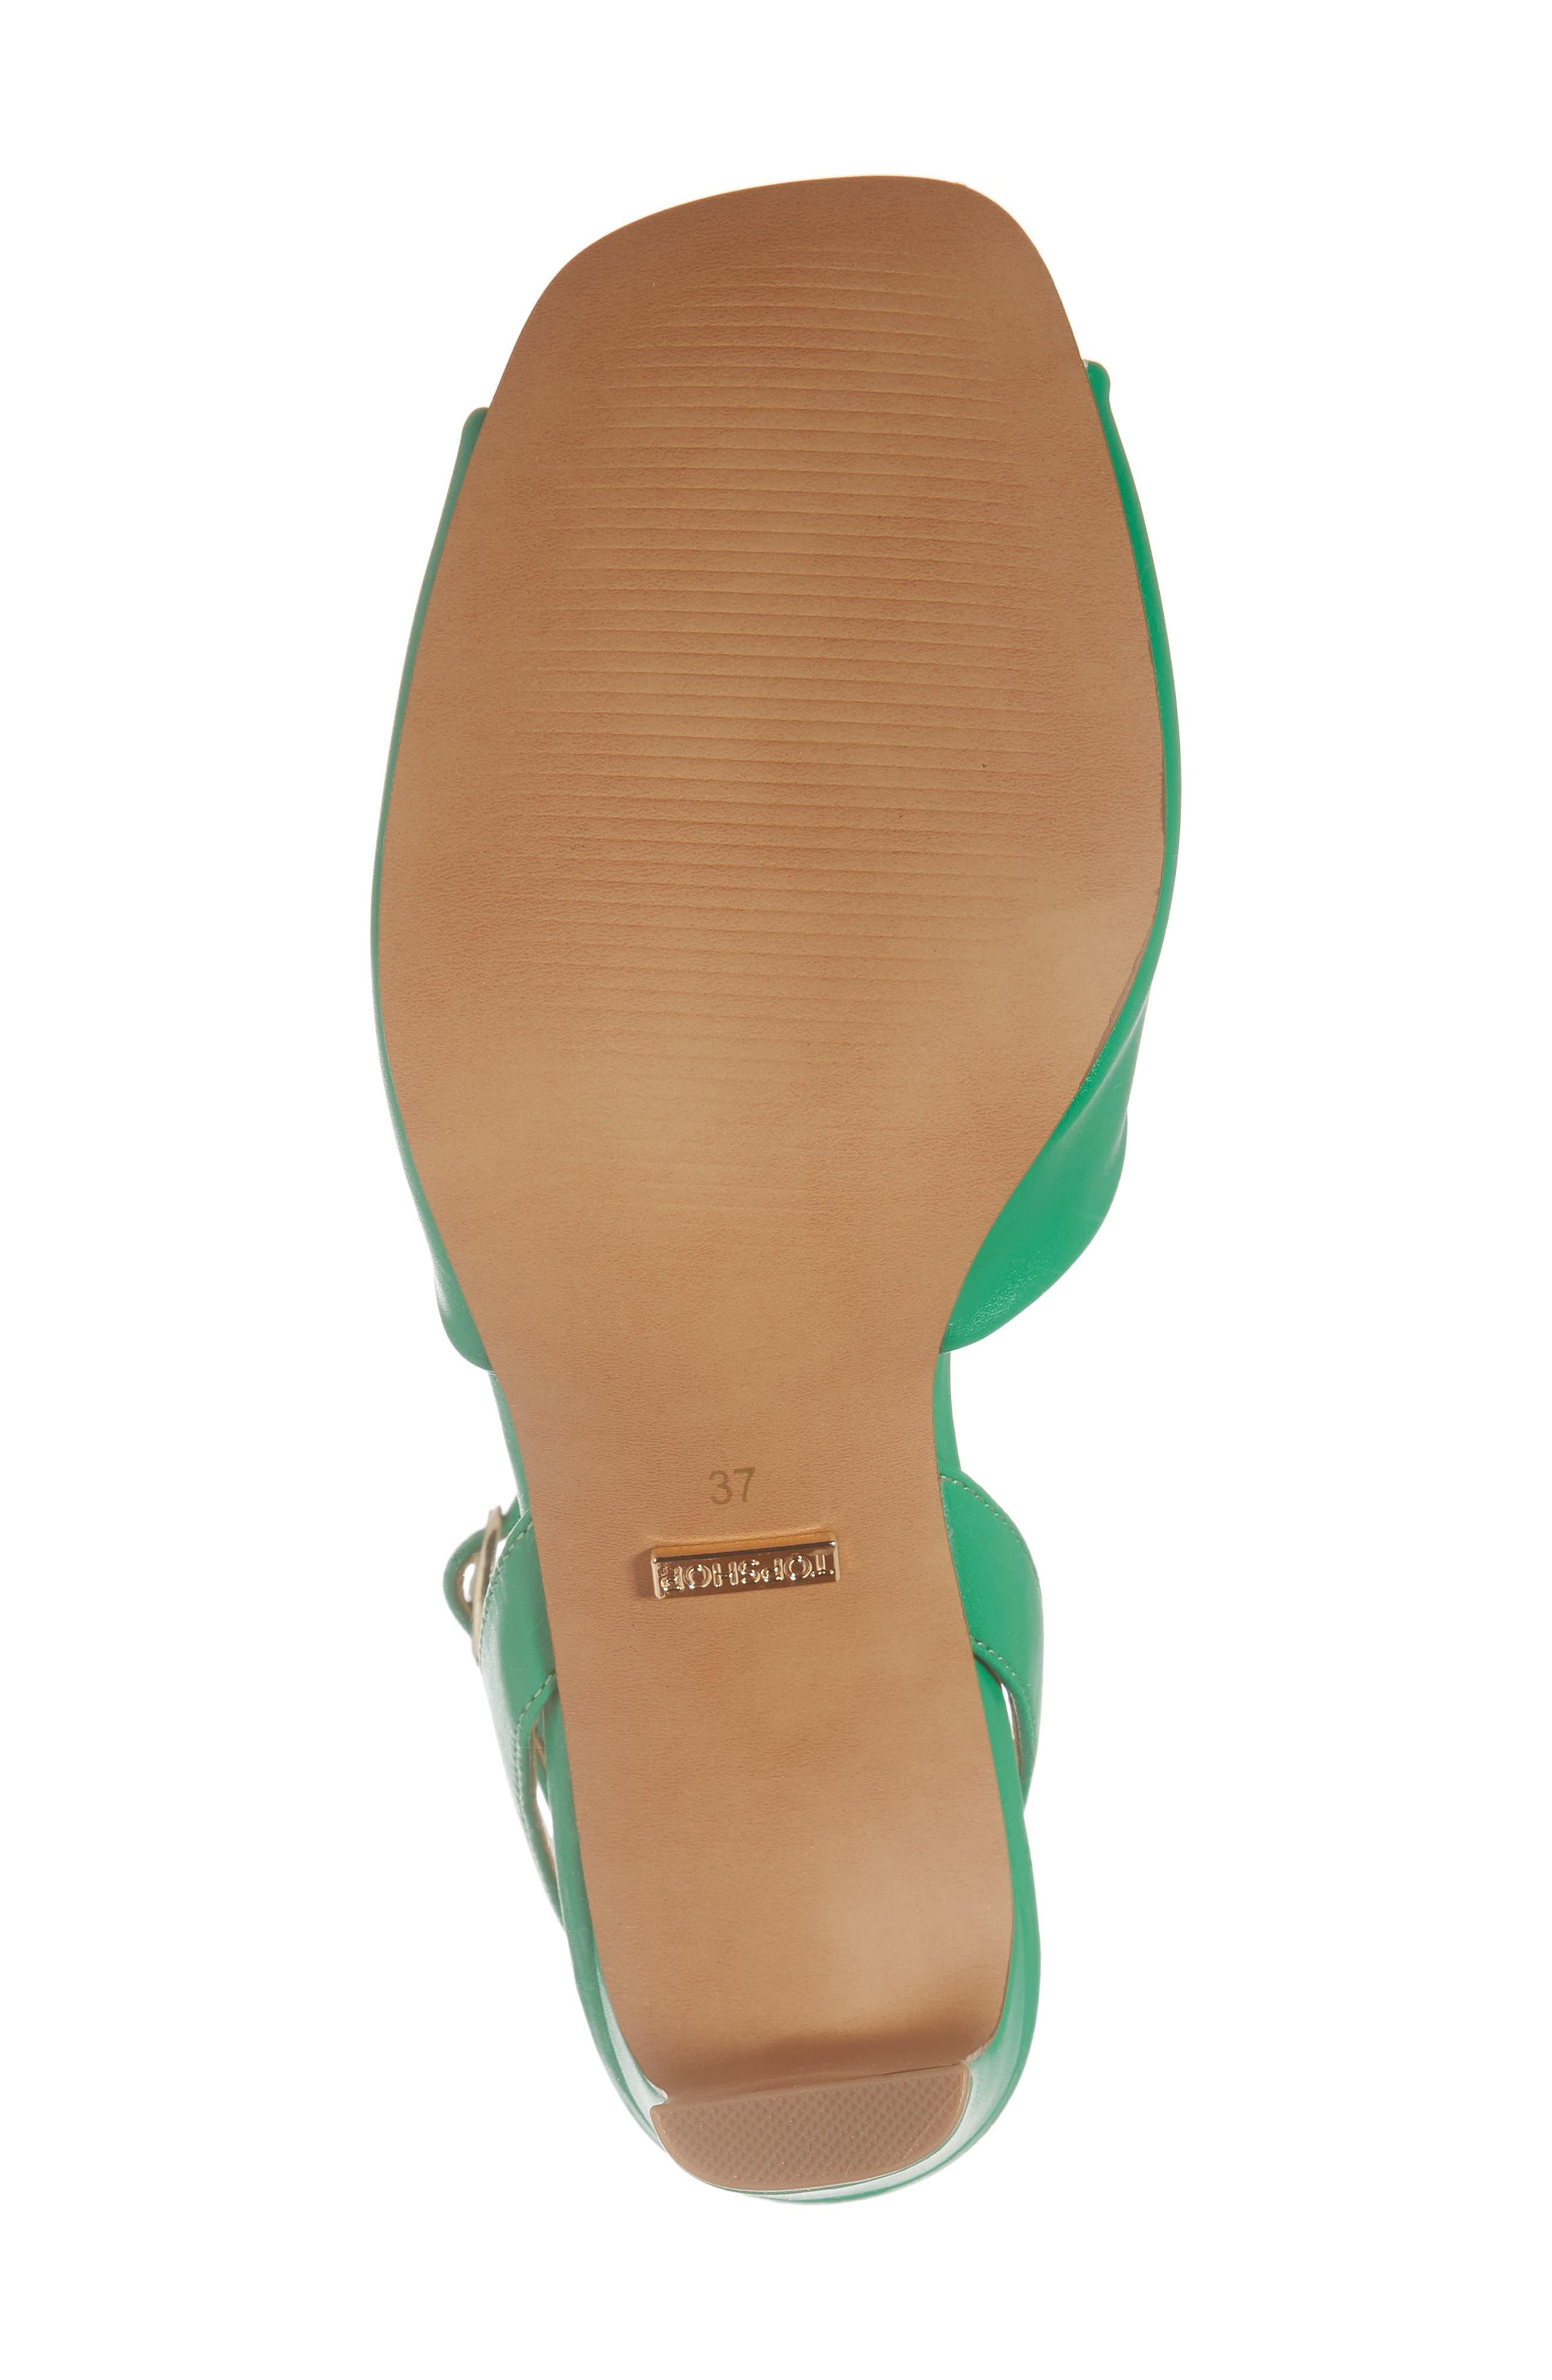 Raven Skinny Heel Sandal,                             Alternate thumbnail 6, color,                             Green